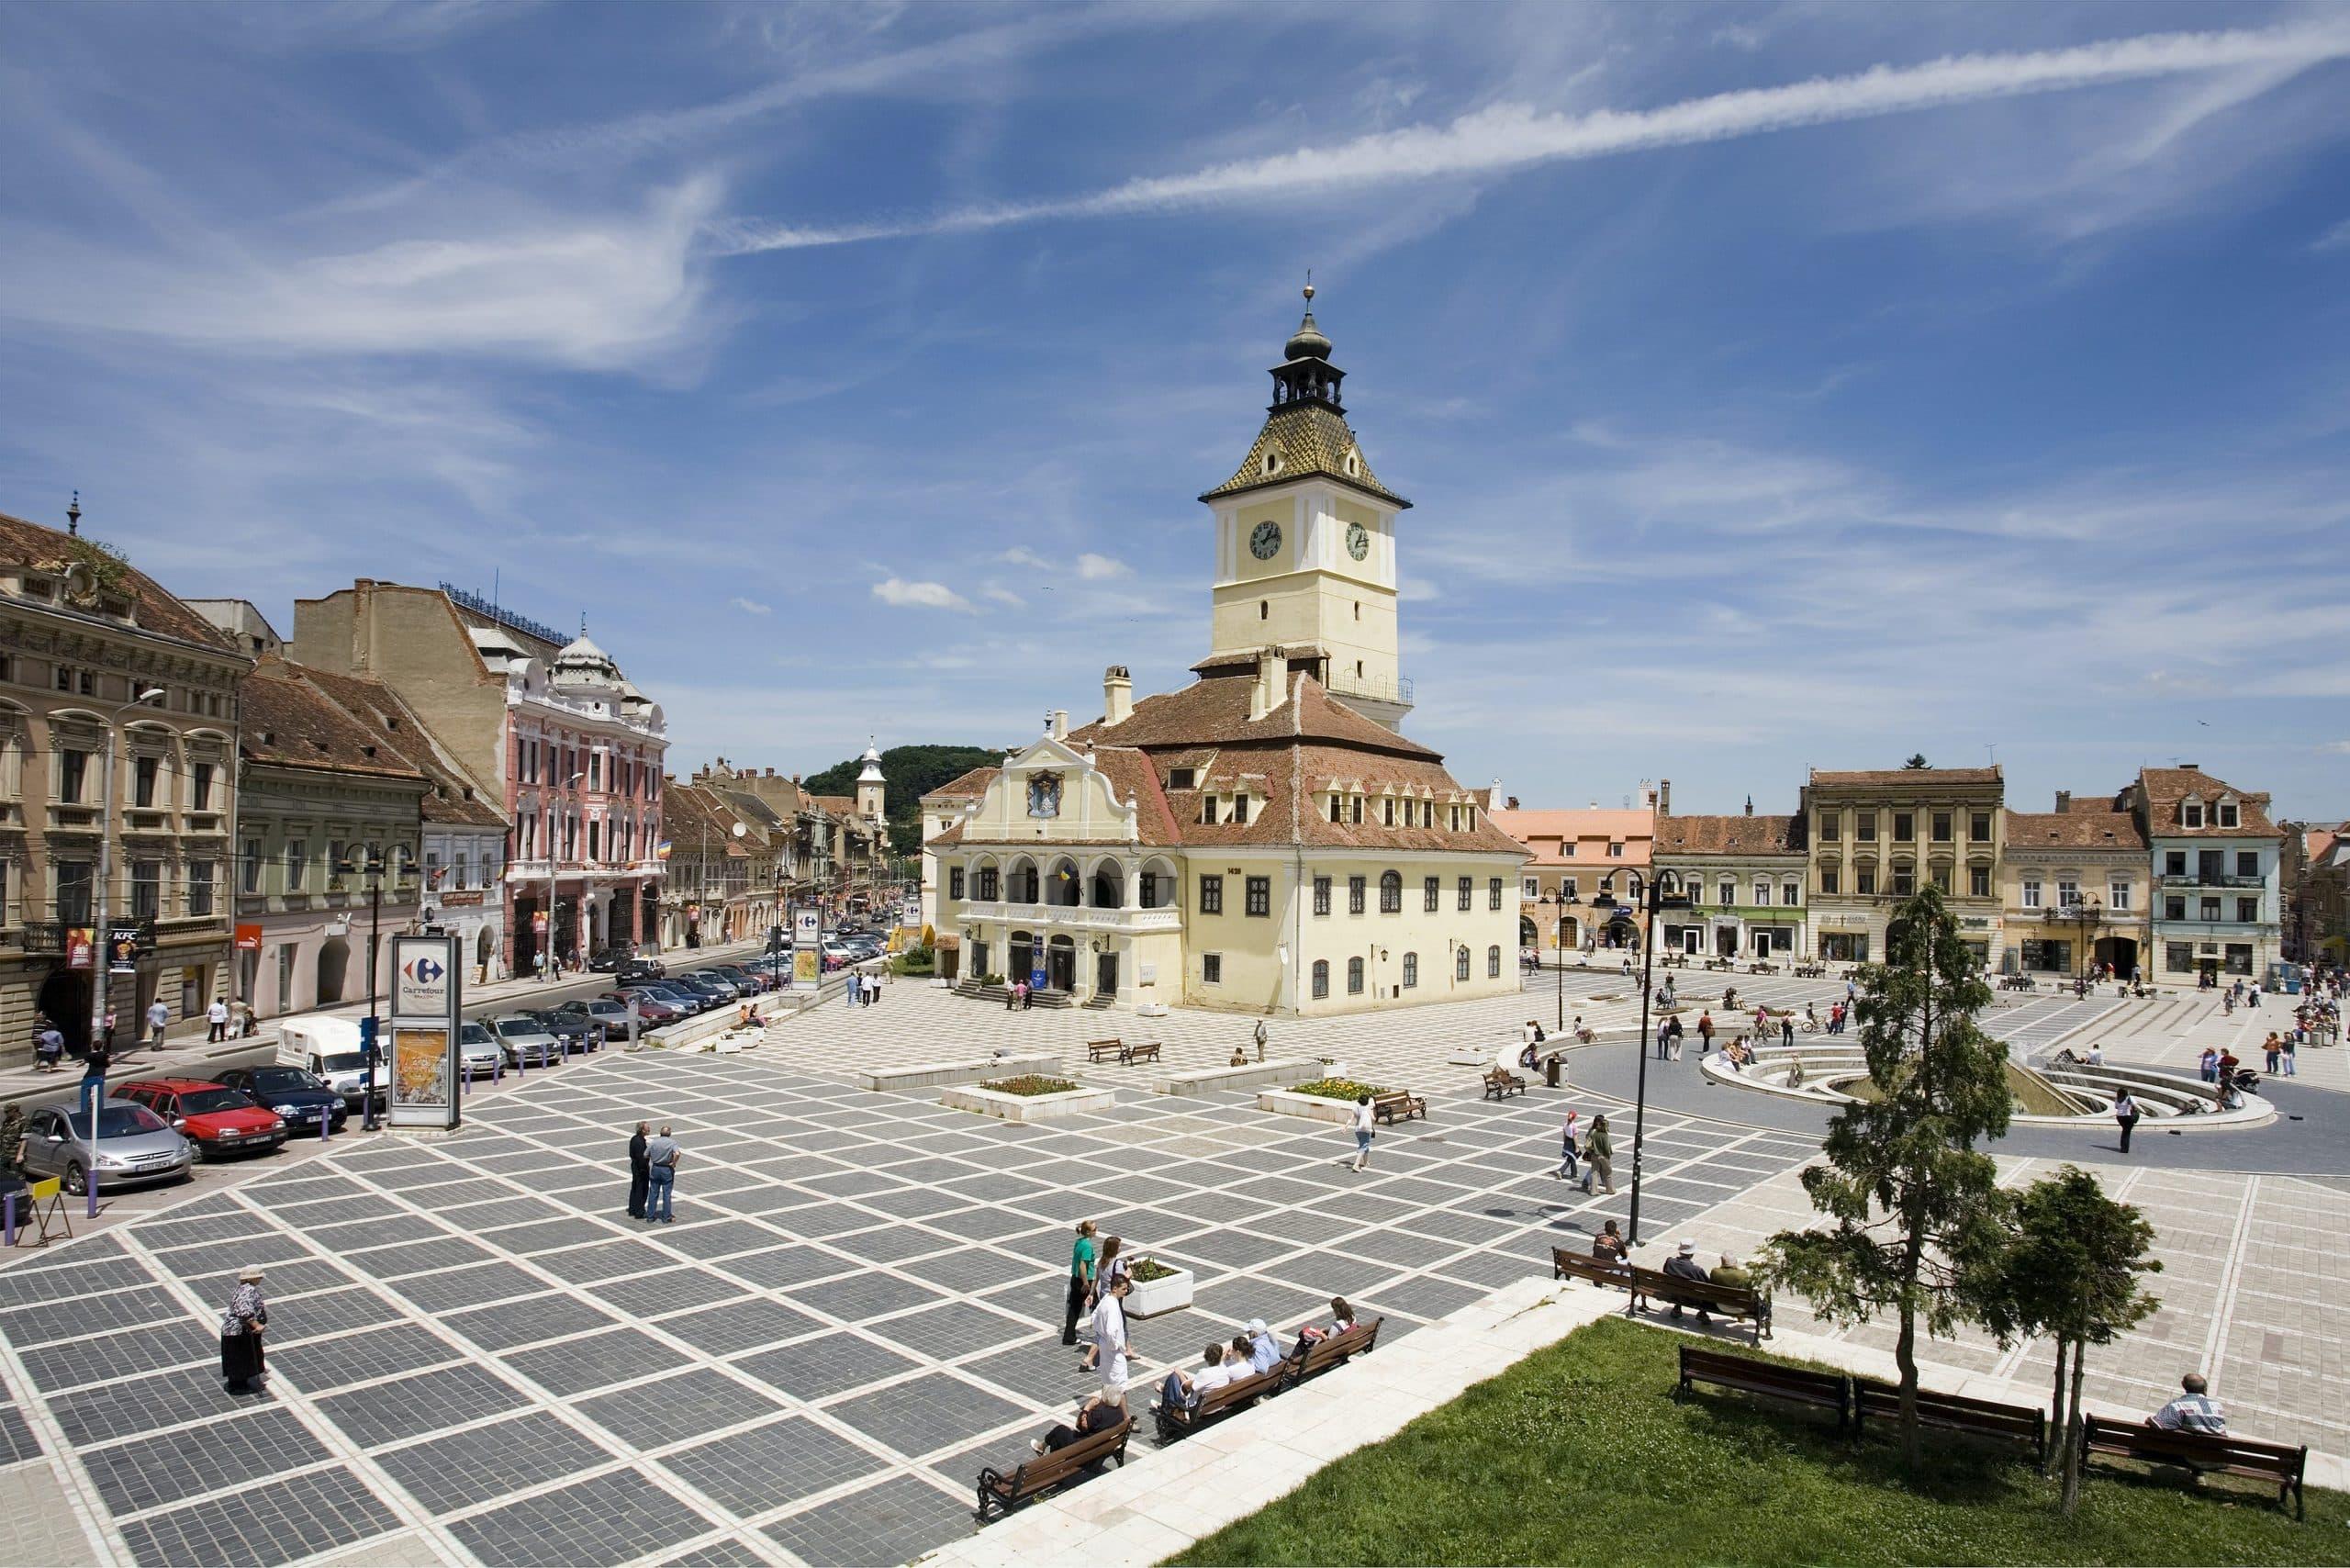 Orașe din România pe care ar trebui să le vizitezi măcar o dată în viață